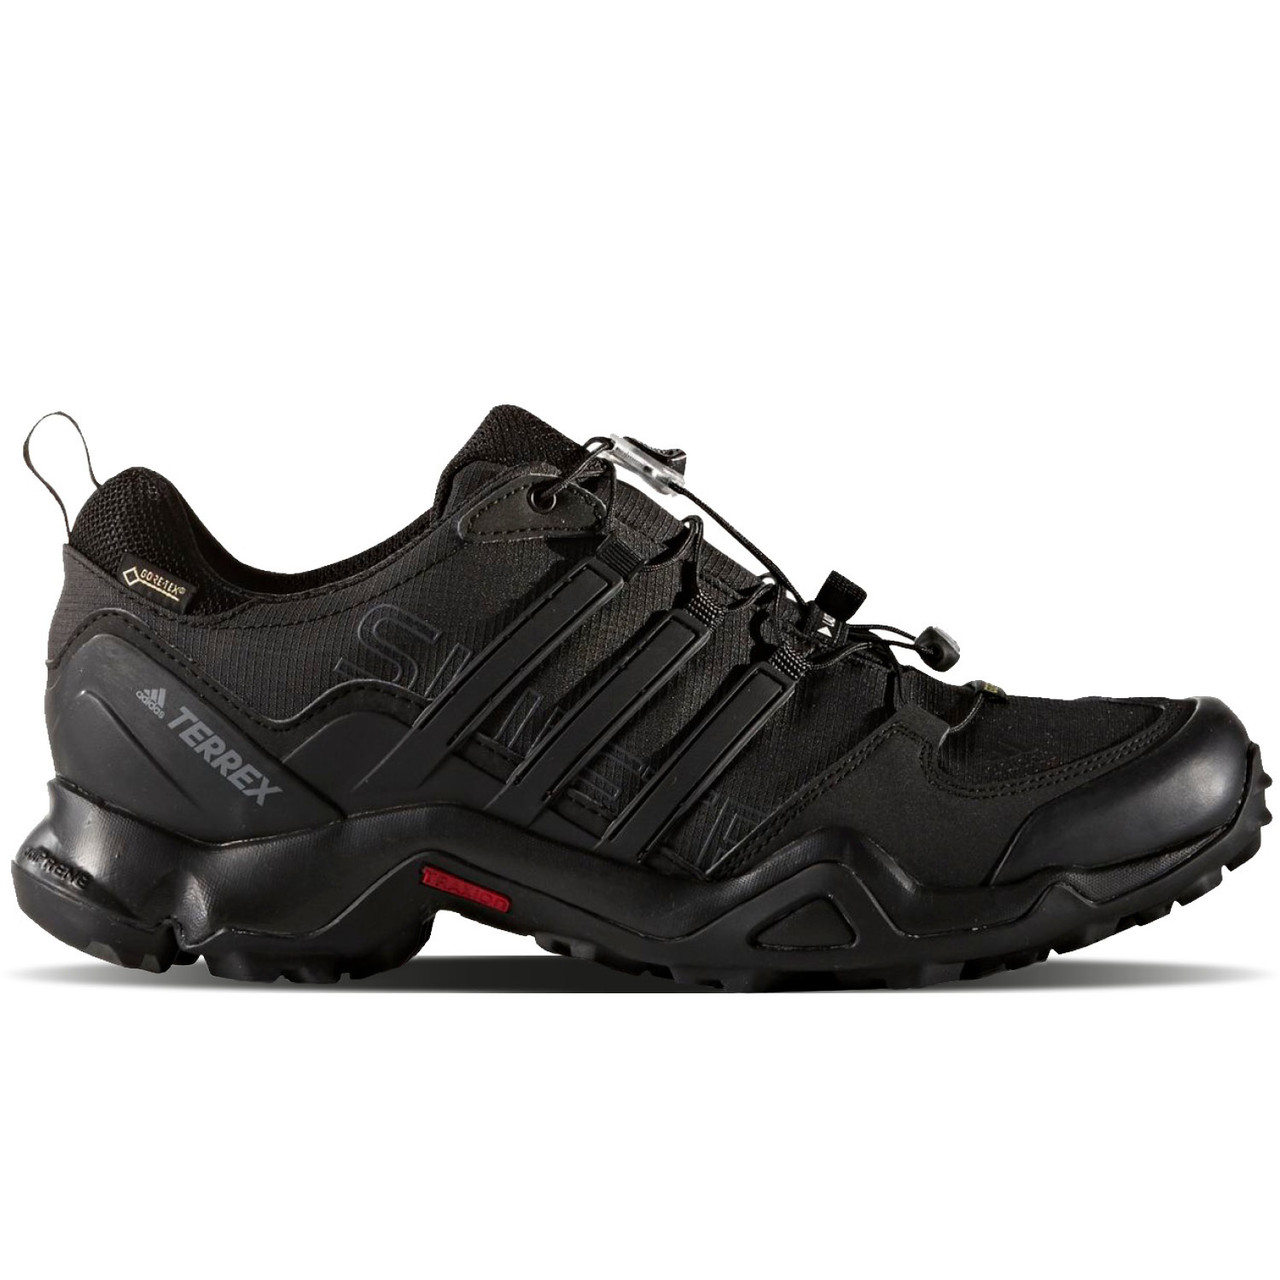 b272994f Оригинальные кроссовки adidas Terrex Swift R GTX, цена 3 299 грн., купить в  Ивано-Франковске — Prom.ua (ID#620417944)